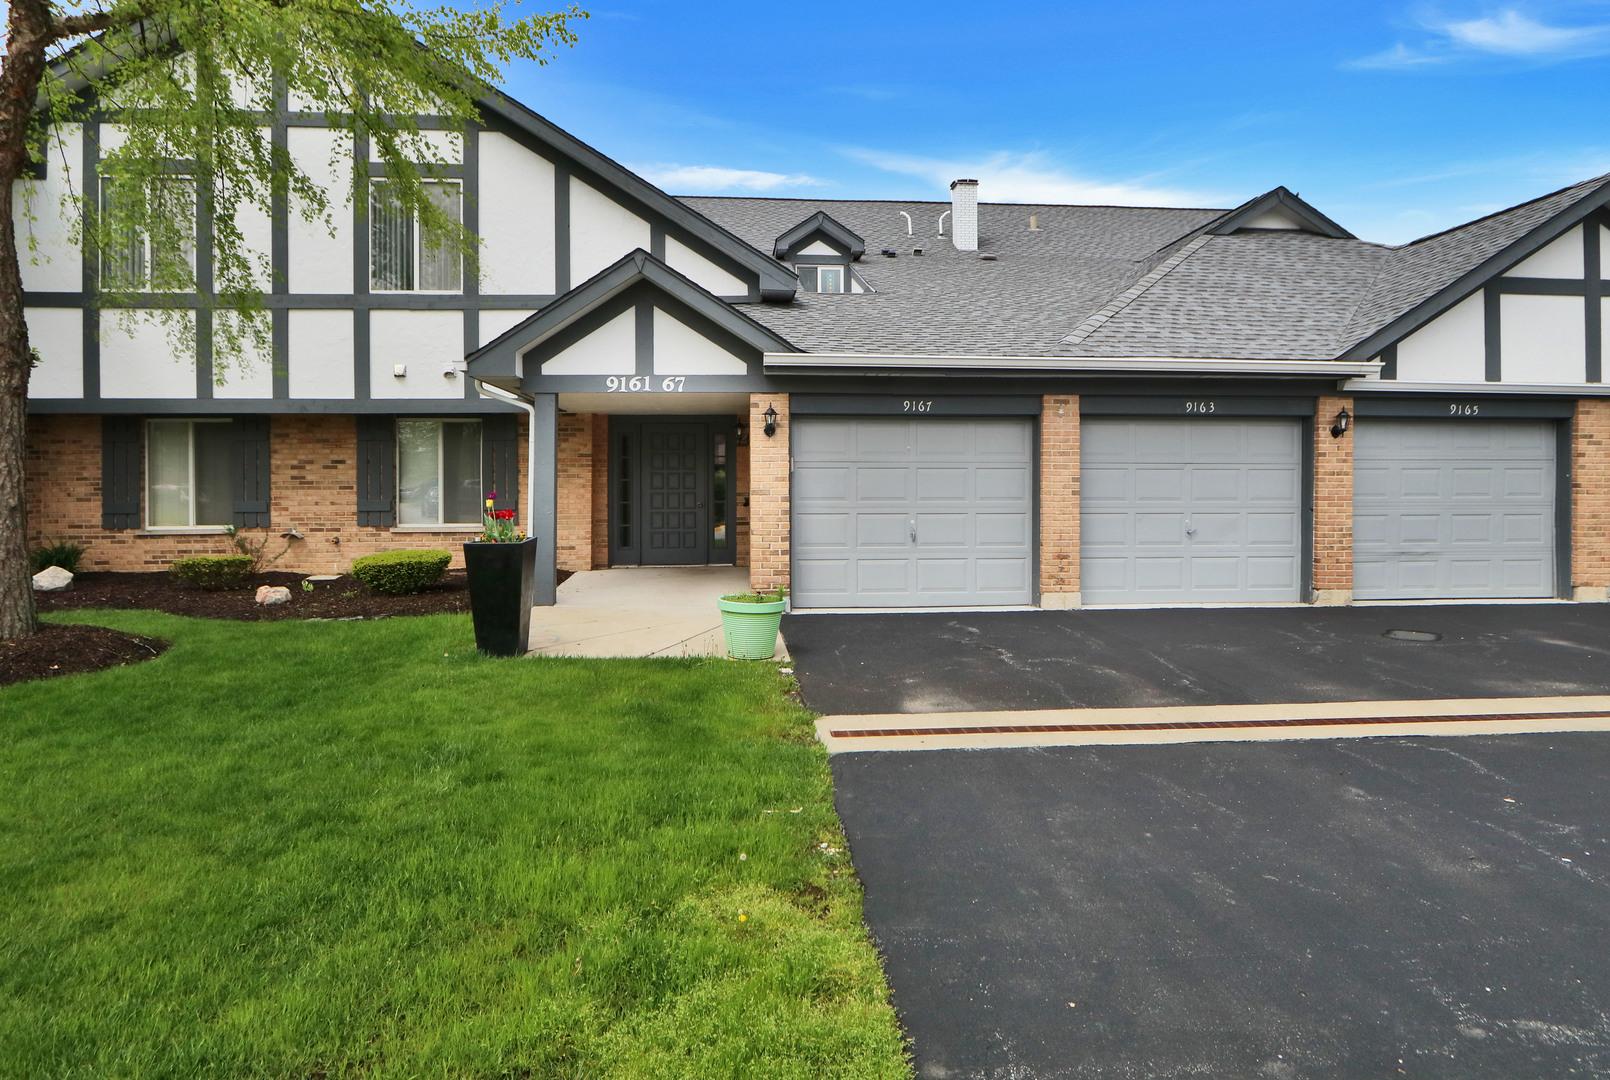 9163 Fairmont Court, Orland Park, Illinois